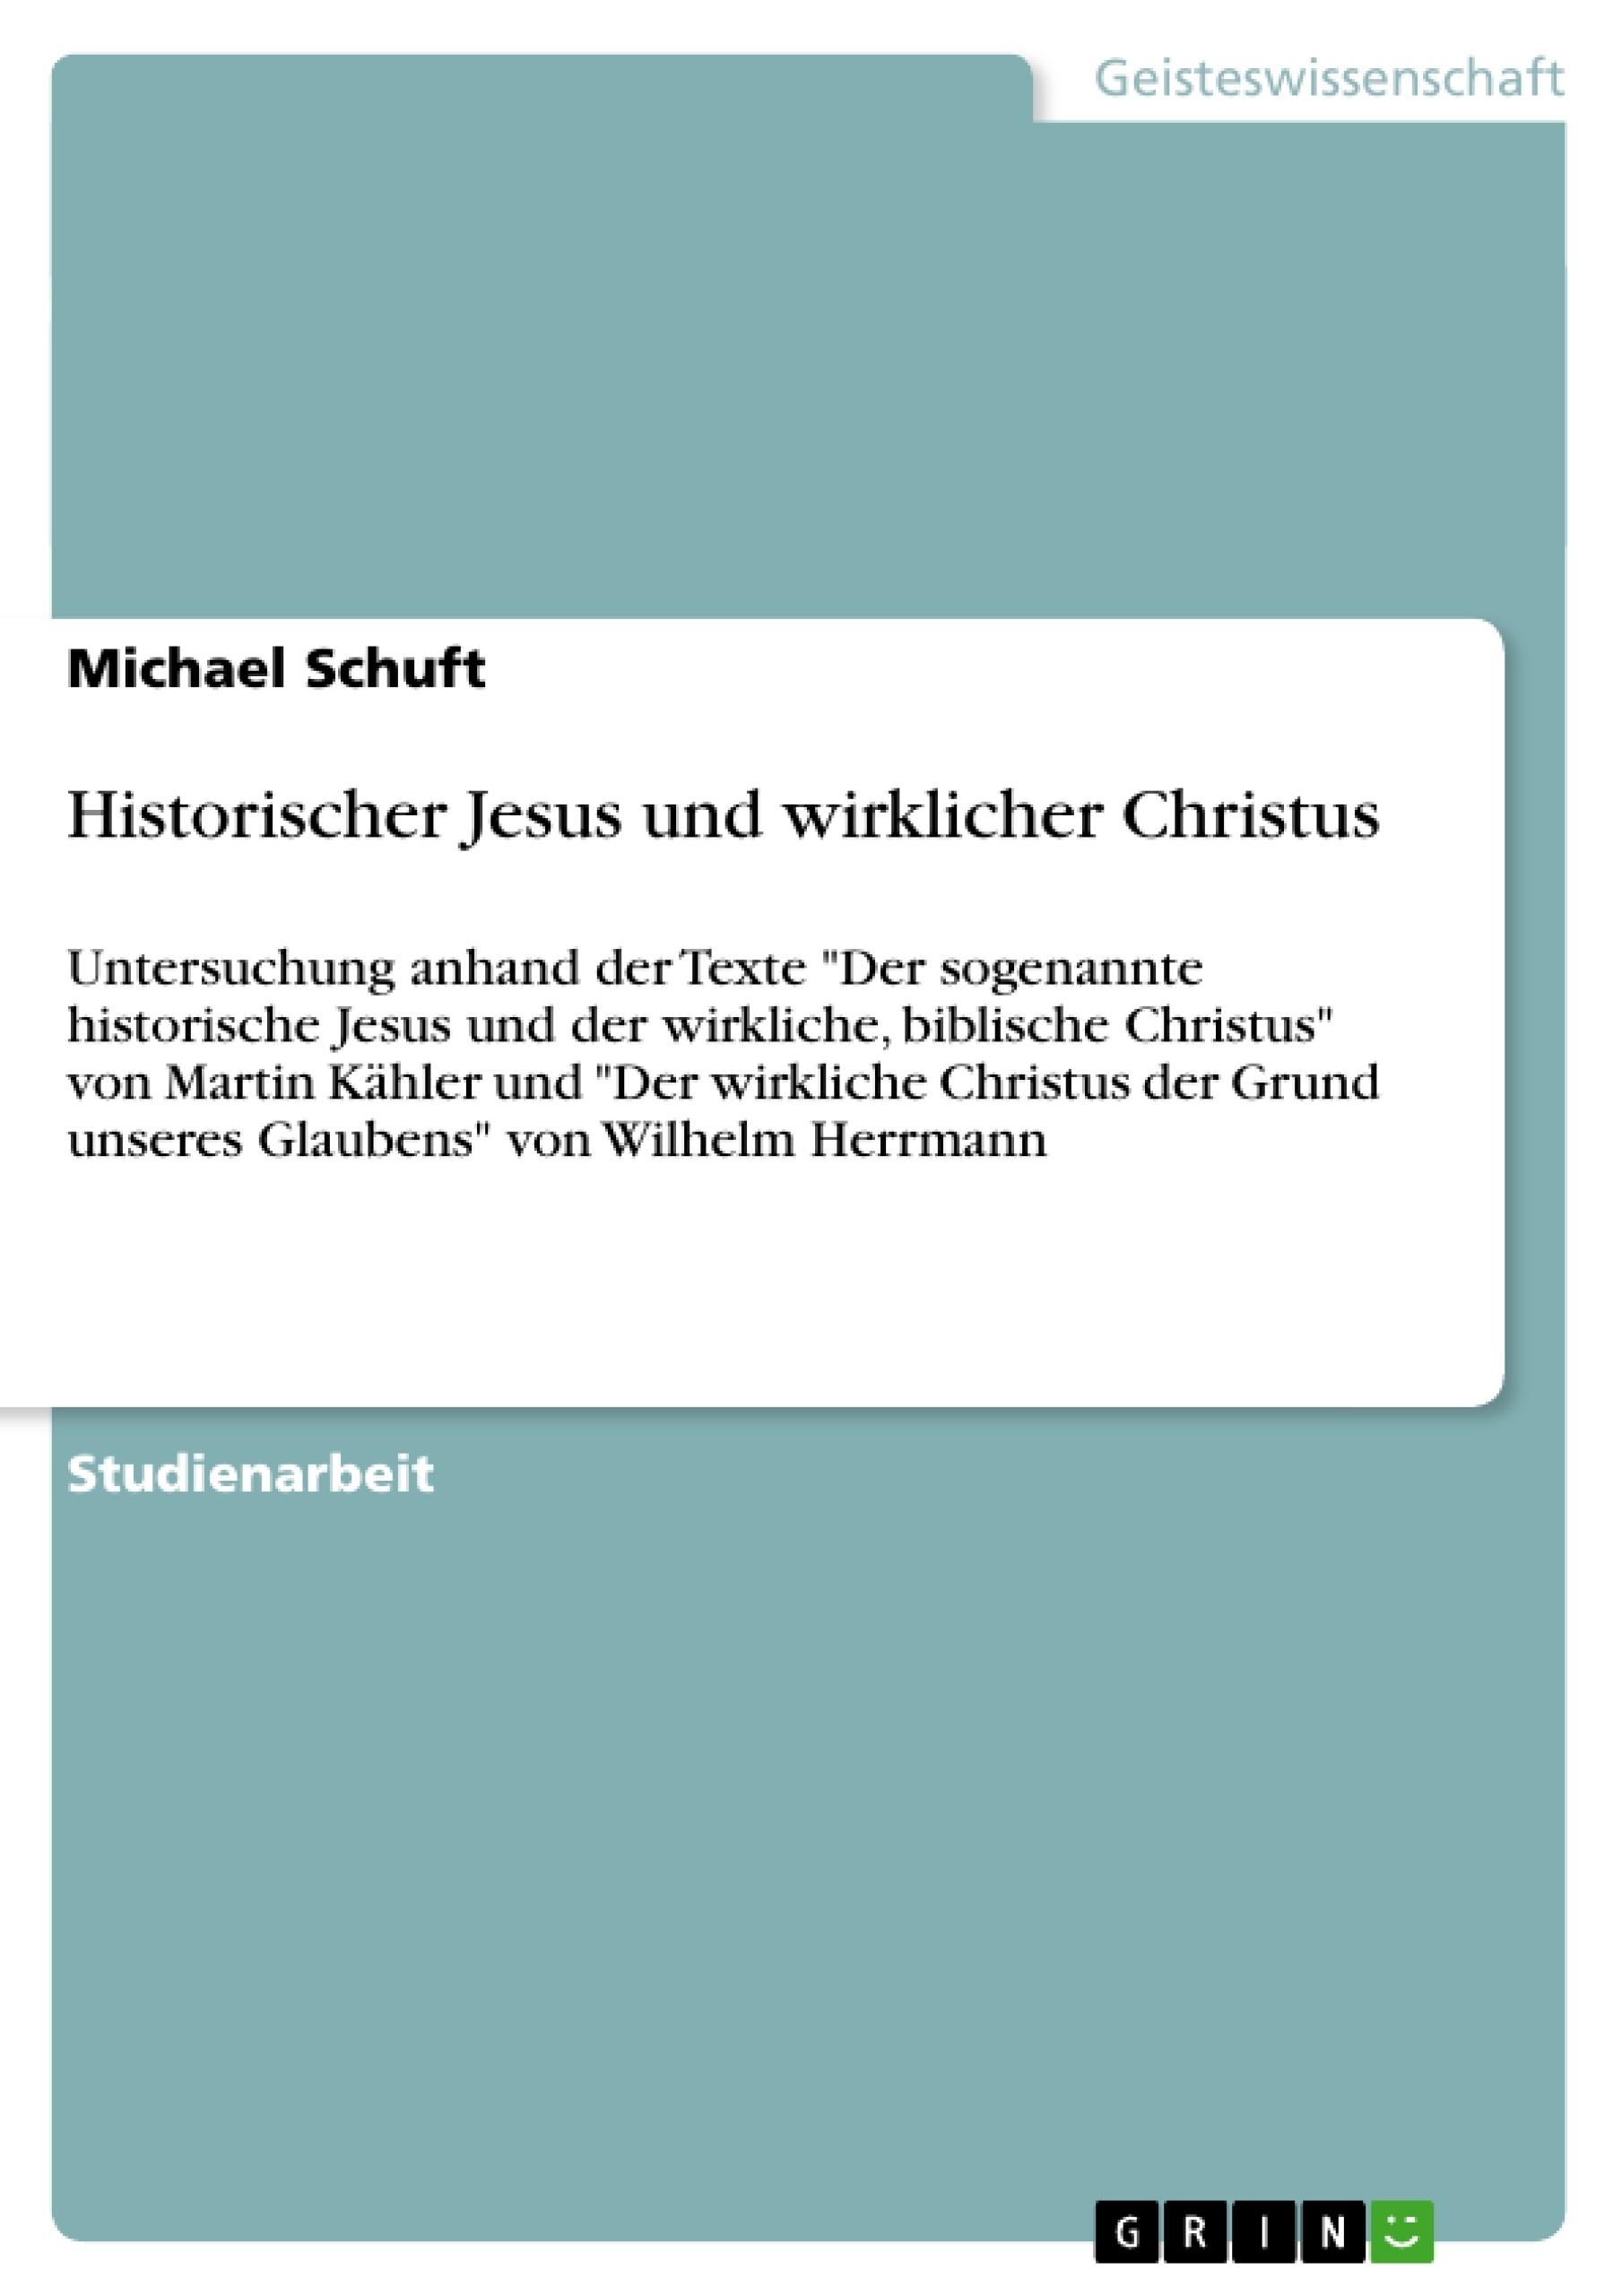 Titel: Historischer Jesus und wirklicher Christus